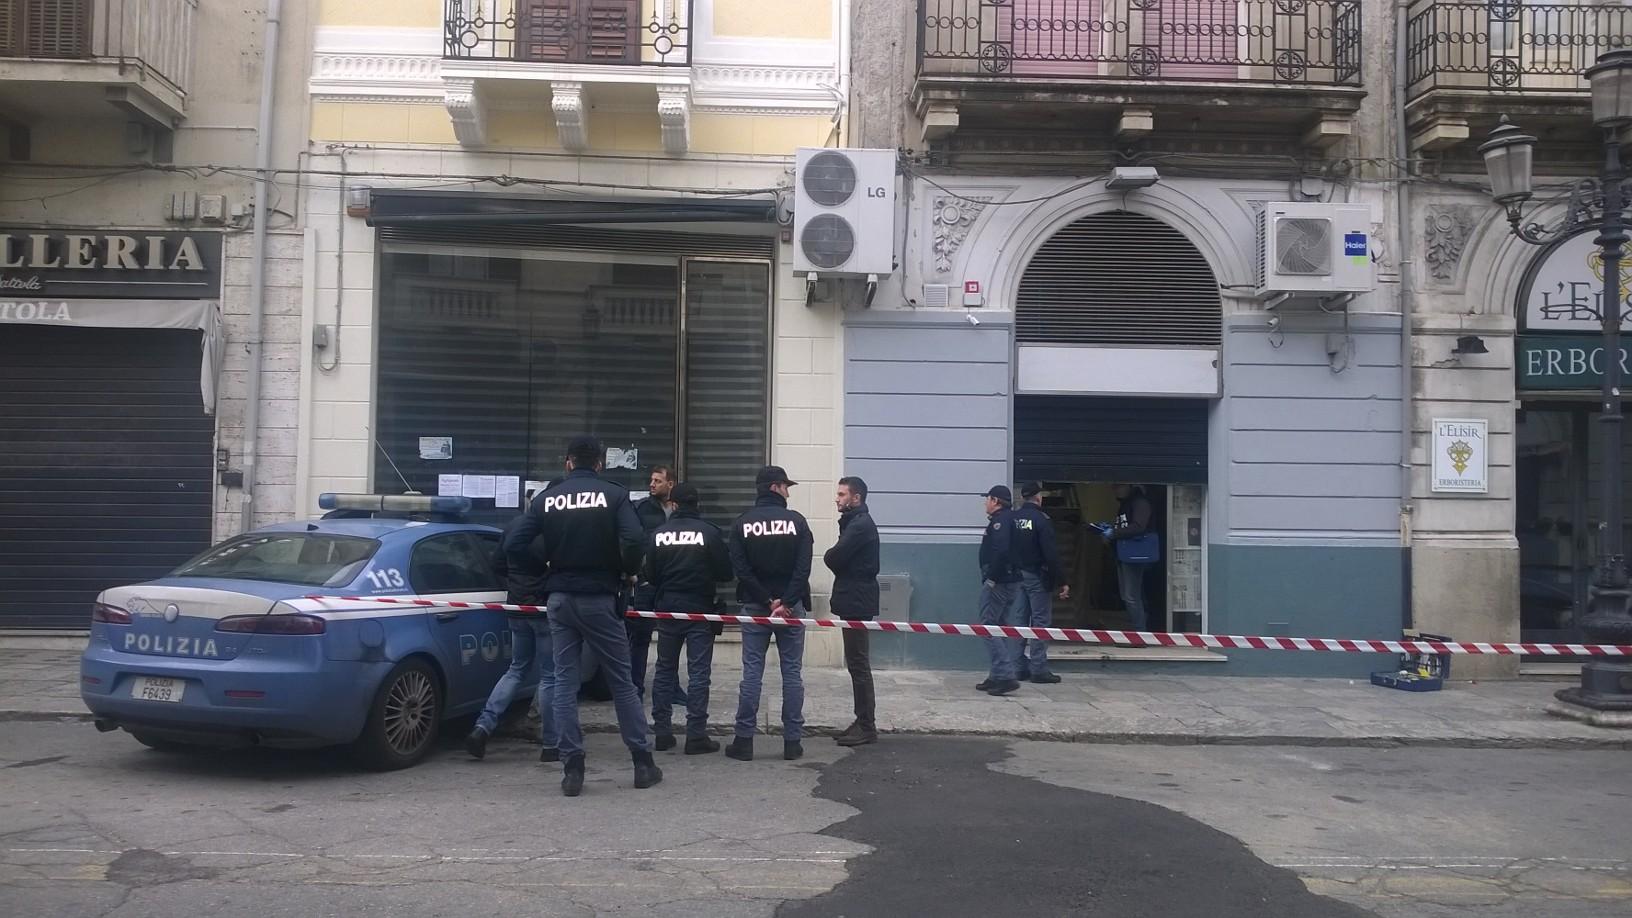 Allarme Bomba a Reggio Calabria